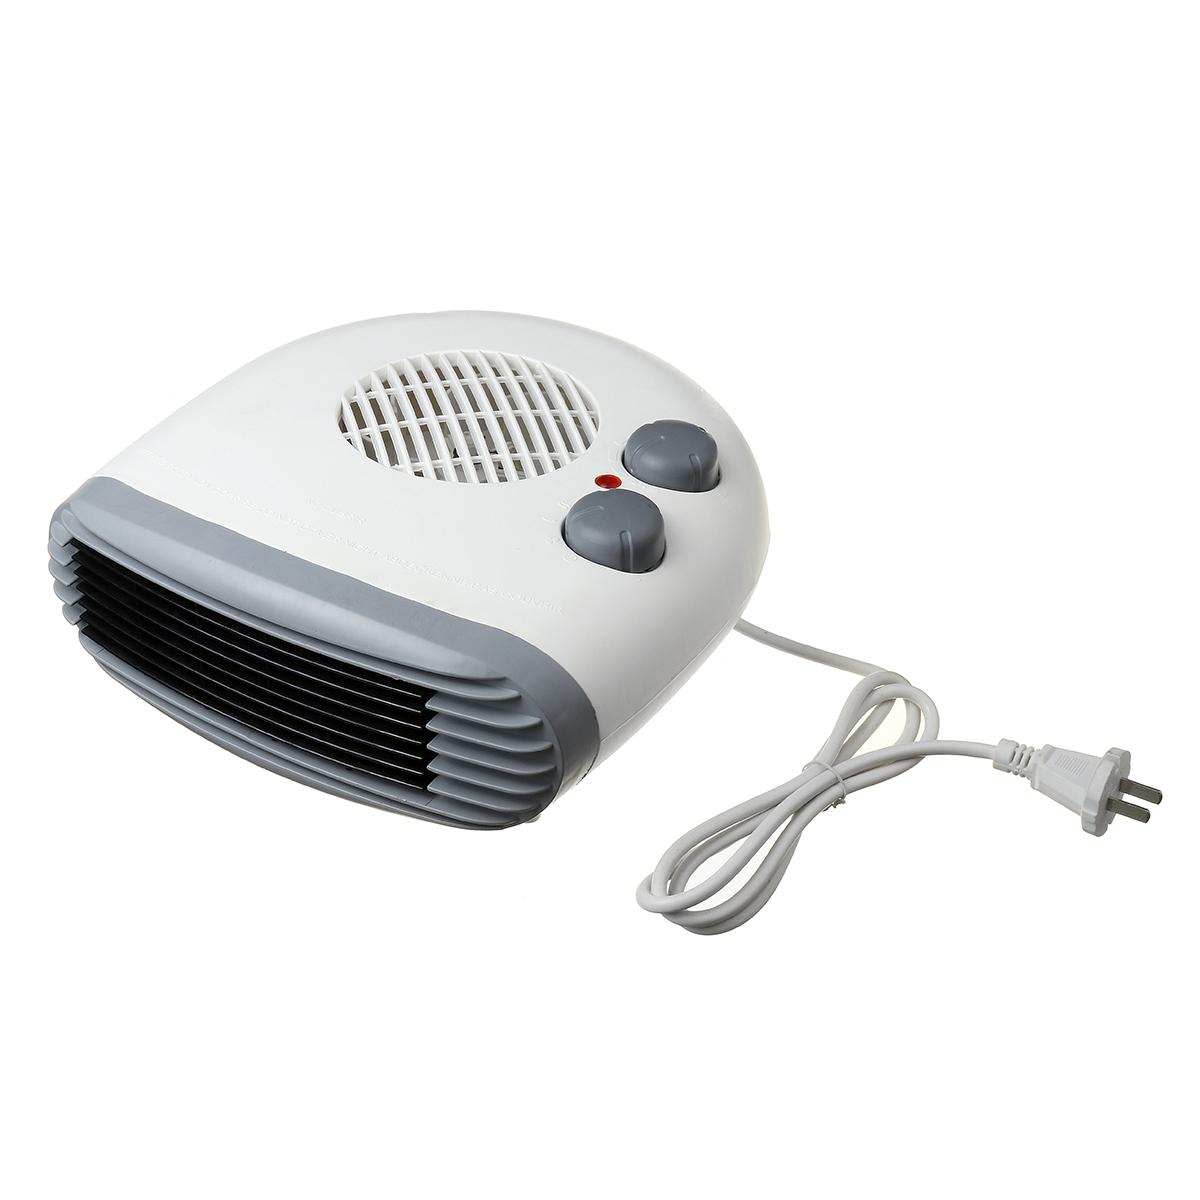 Вт Электрический Нагреватель 3 Комплект Для Обогрева Воздуха Теплее Вентилятор Вентилятор Домашнего Офиса Рождественский Подарок